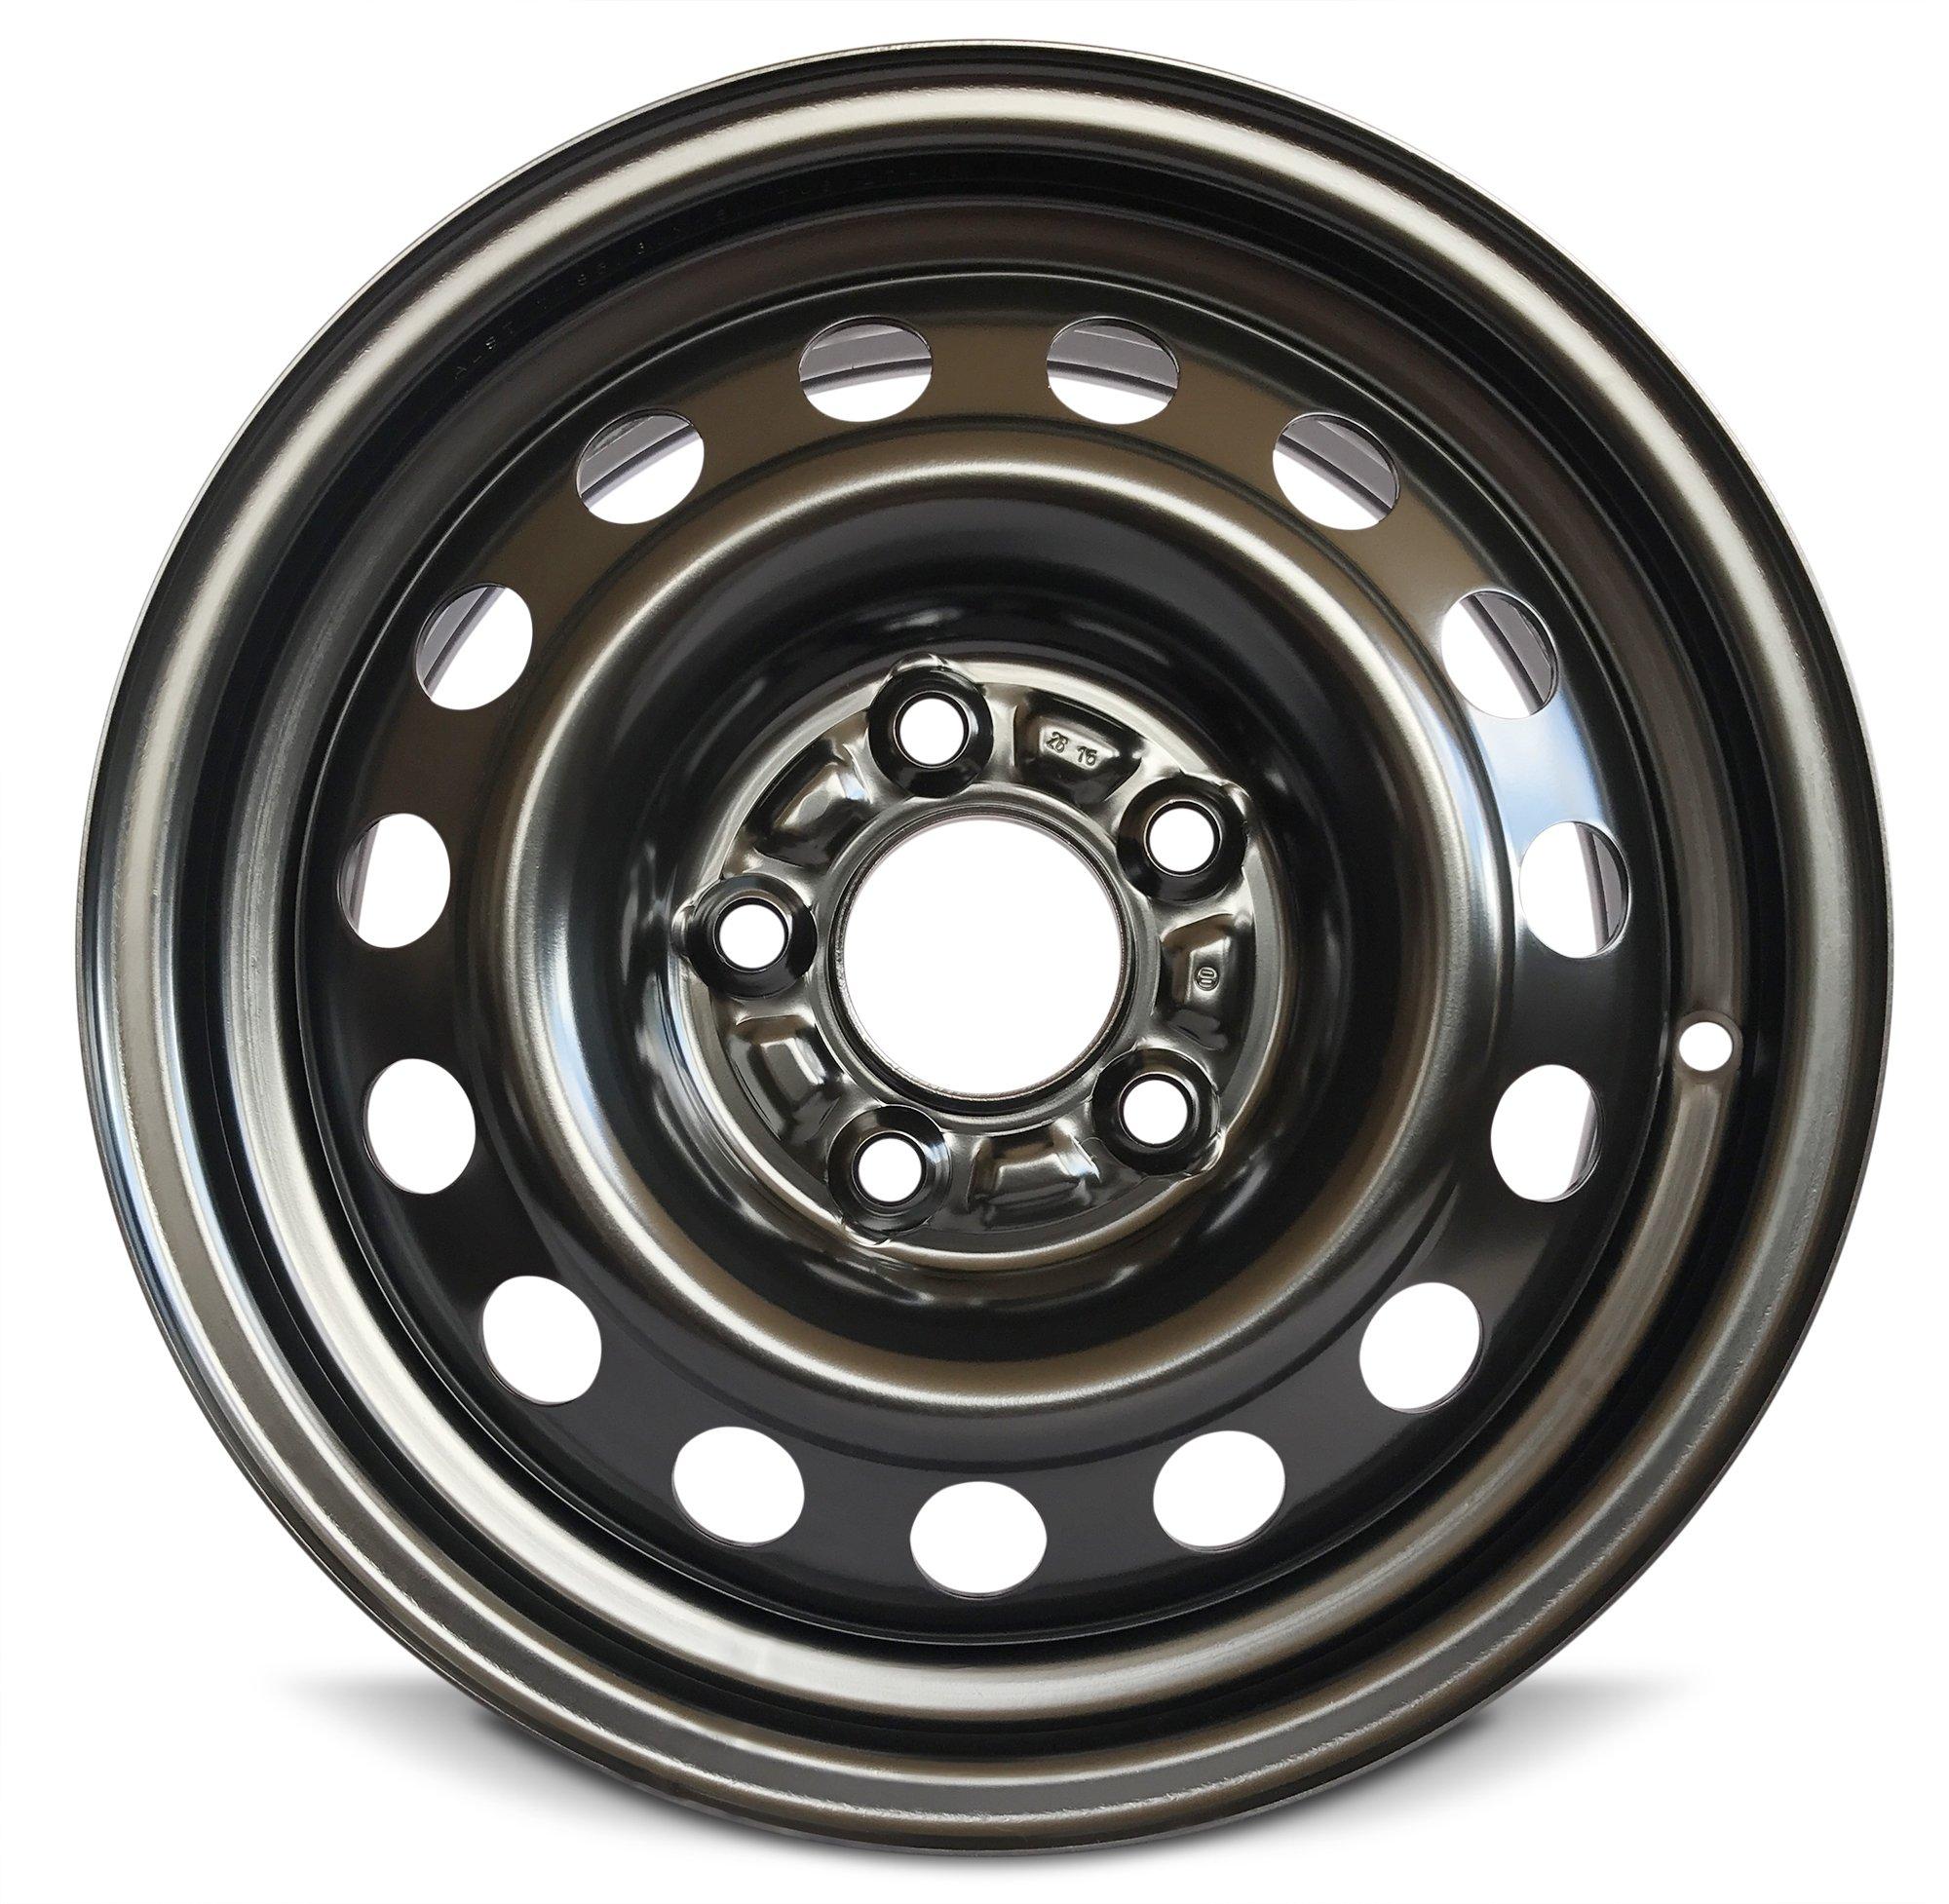 Hyundai Elantra Kia Forte 15 Inch 5 Lug Steel Rim/15x6 5x114.3 Steel Wheel